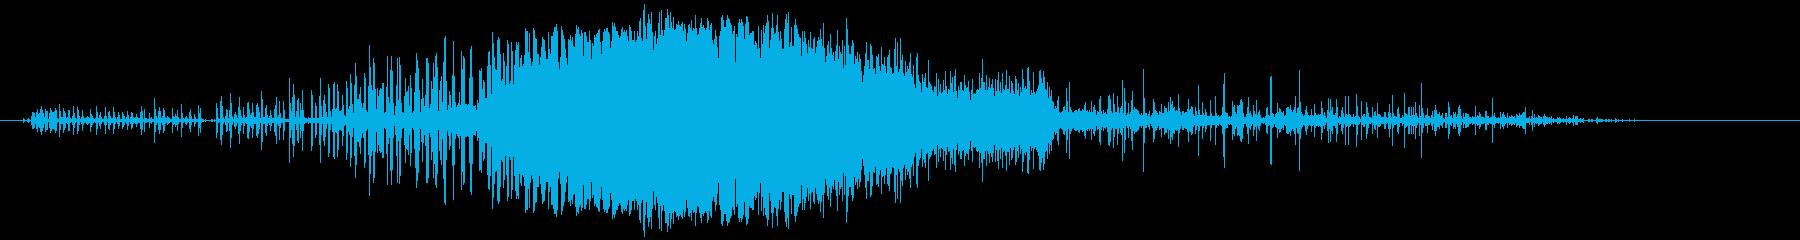 ジャイアントフラッドライトまたはサ...の再生済みの波形